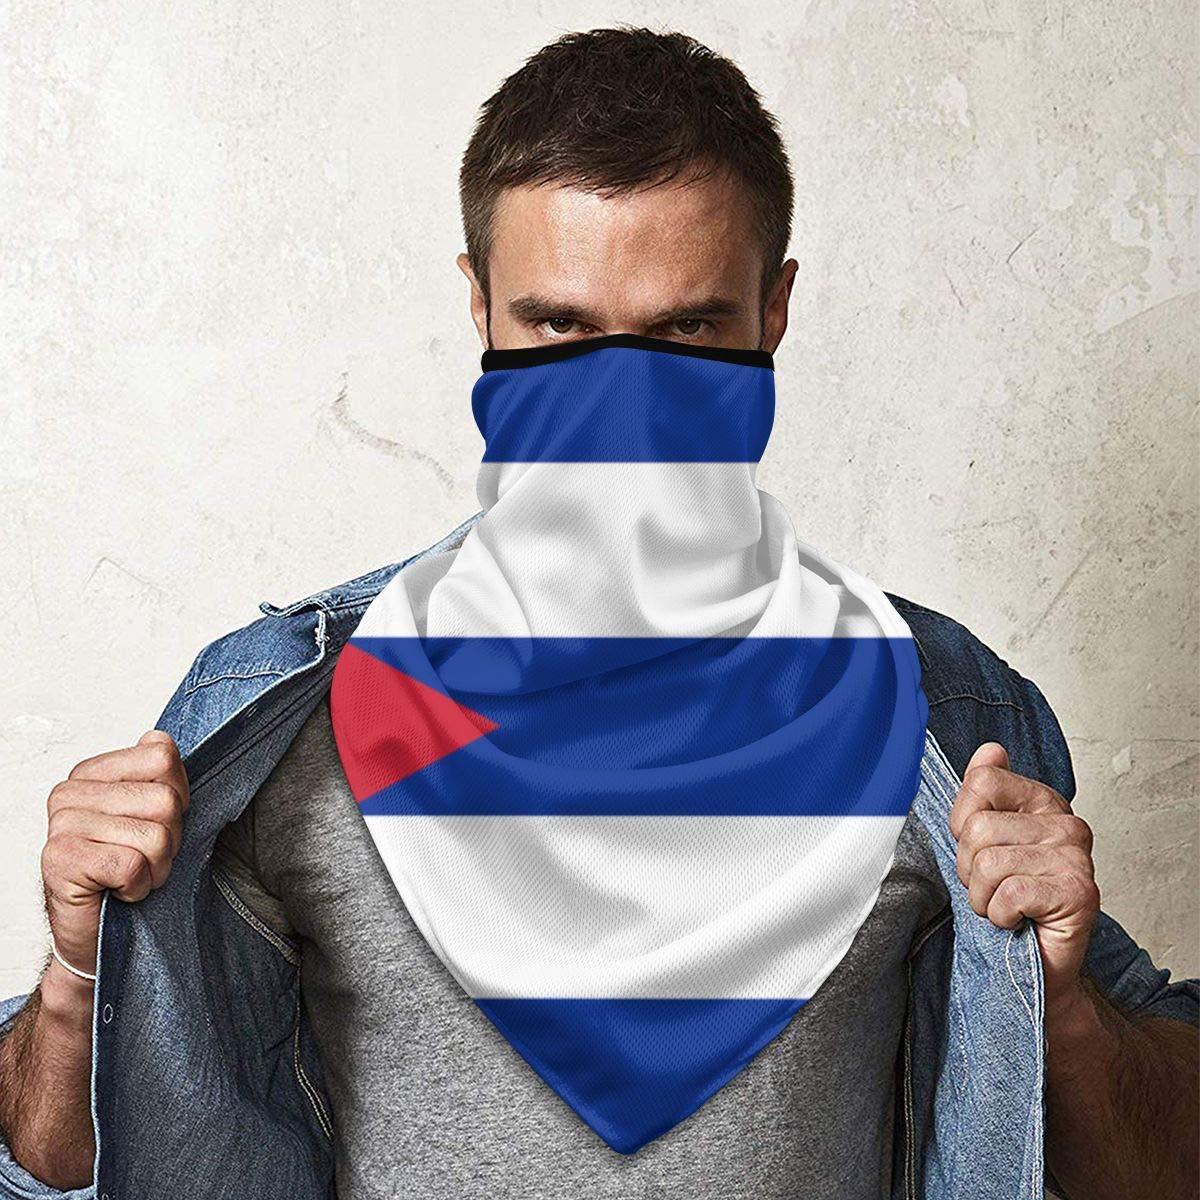 passamontagna bandiera Cuba per escursionismo allaperto Ciclismo Runn Sciarpa viso Protezione solare Bandana Ghette collo Maschera antivento traspirante